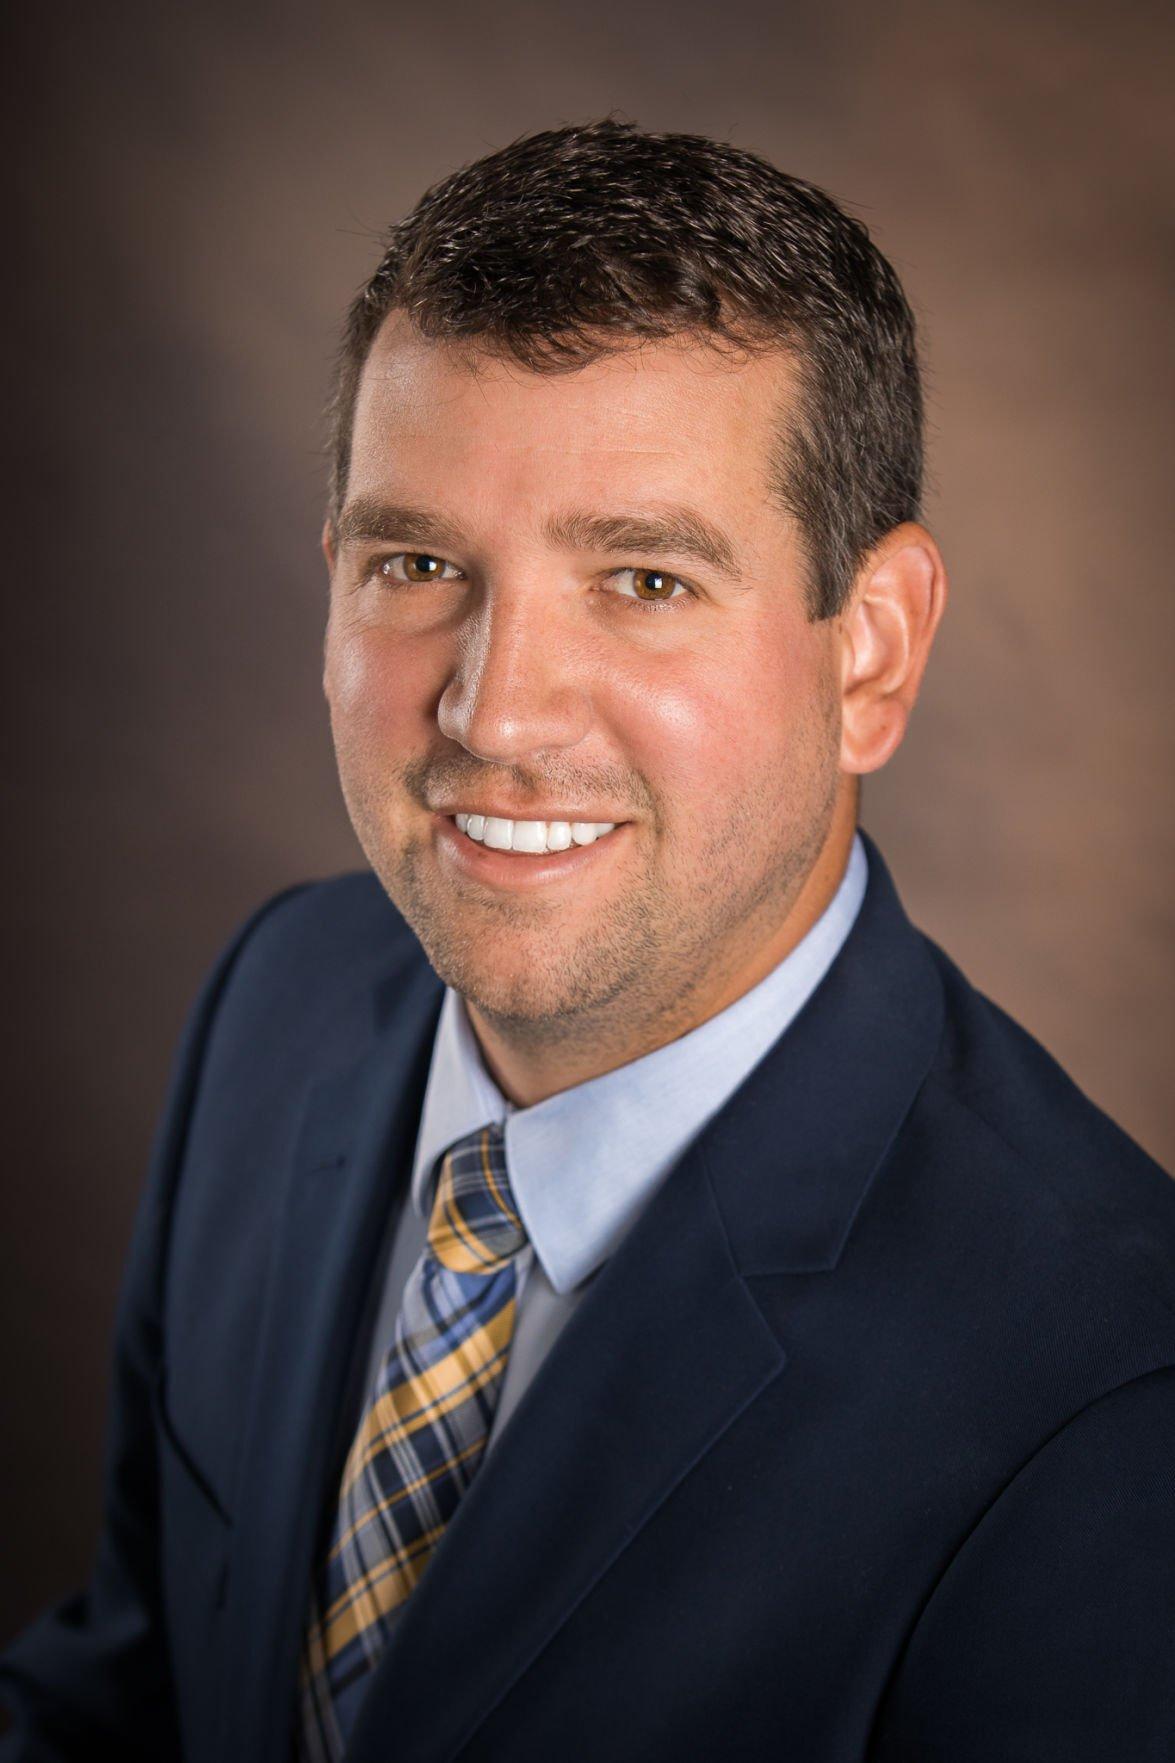 Tyler Weigel